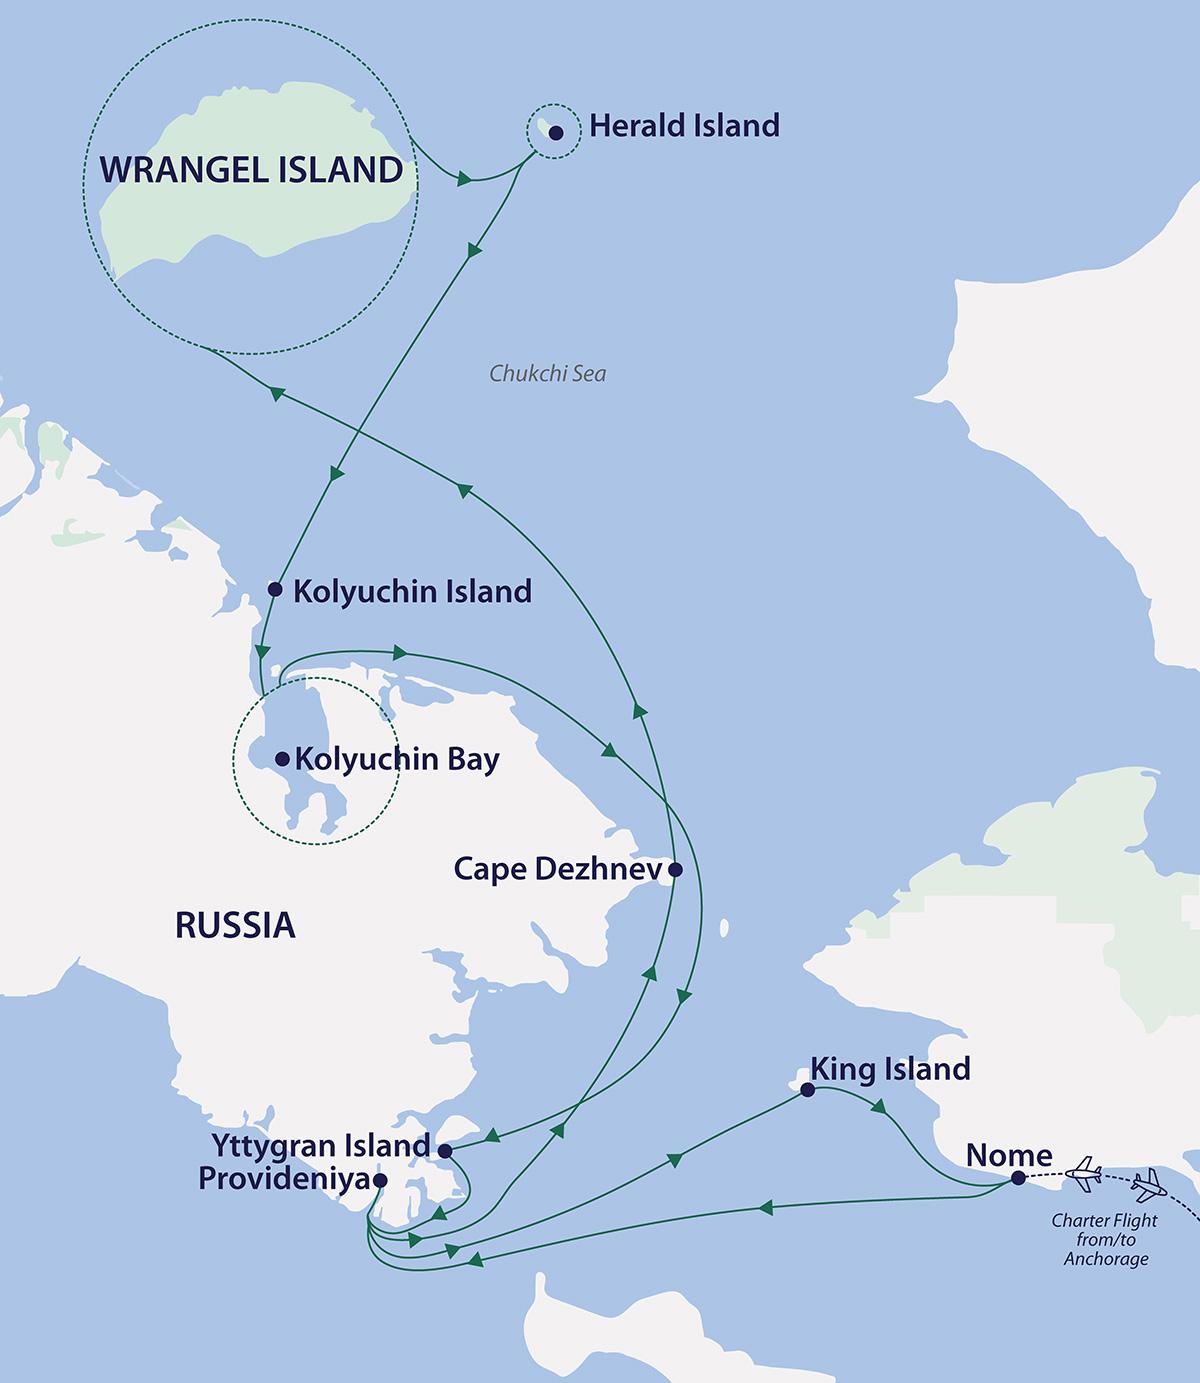 arctic wrangel island odyssey map